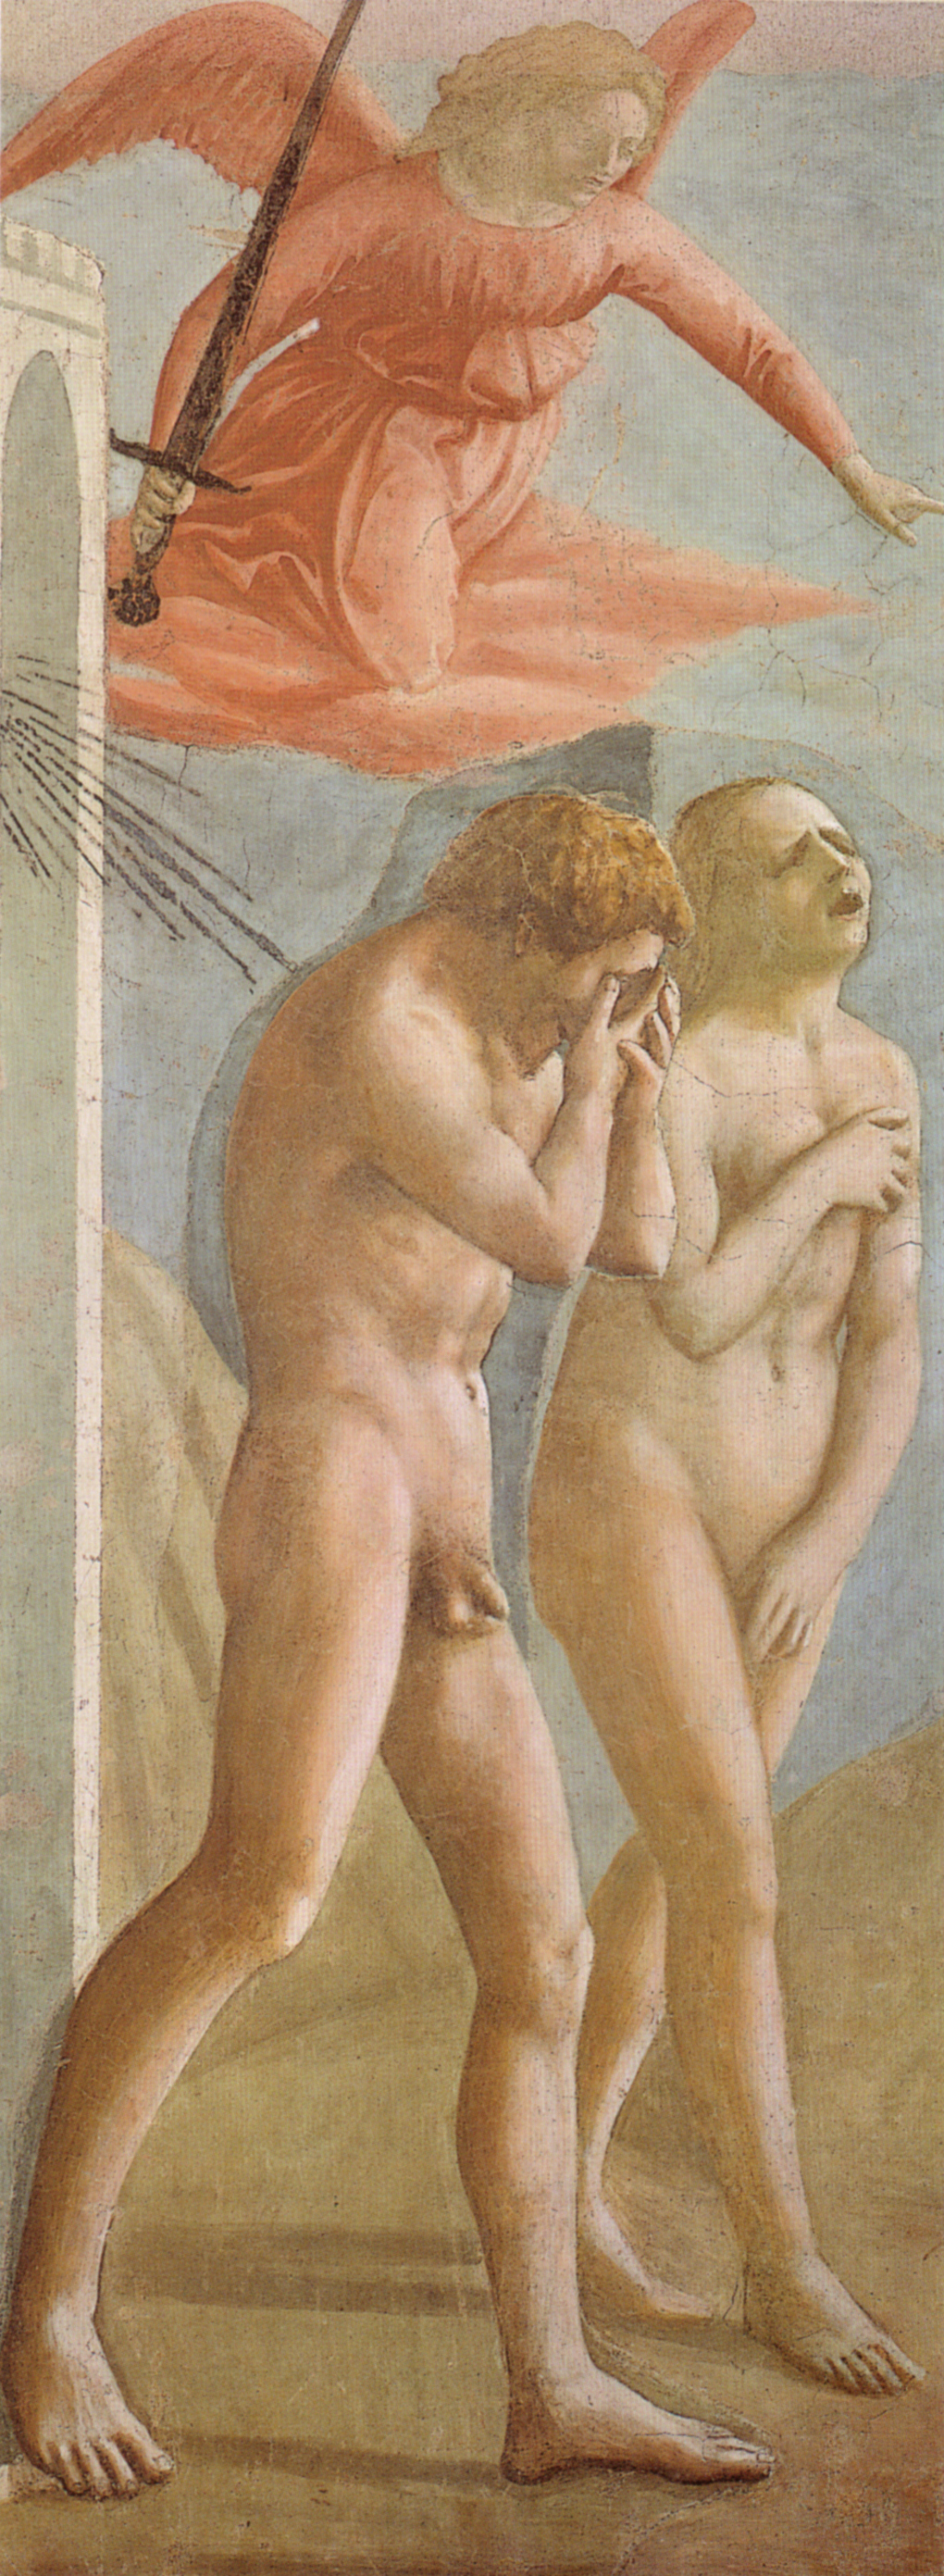 http://upload.wikimedia.org/wikipedia/commons/d/d7/Cappella_brancacci%2C_Cacciata_di_Adamo_ed_Eva_%28restaurato%29%2C_Masaccio.jpg